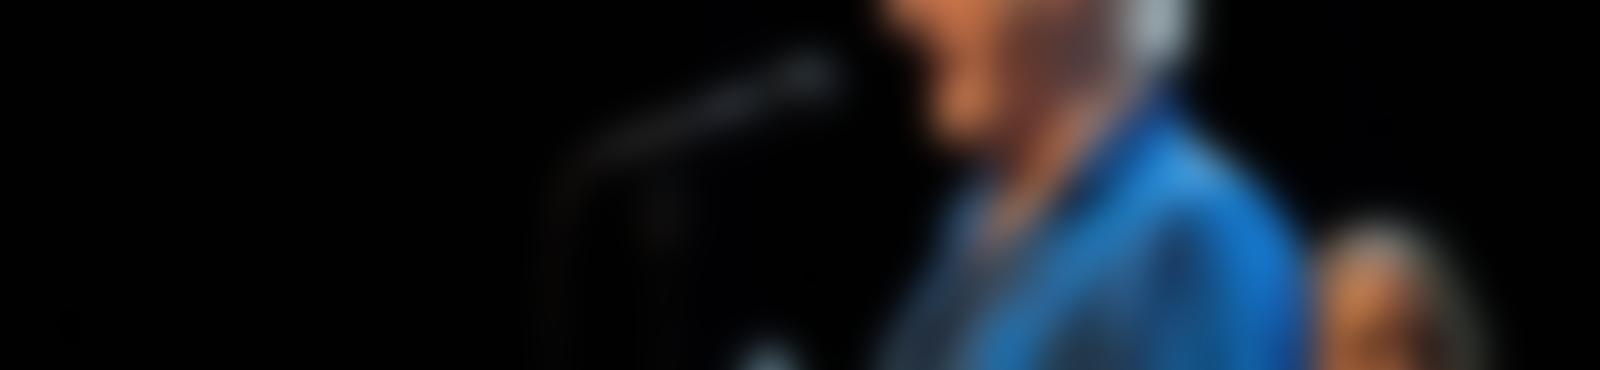 Blurred dad8dbc6 027f 4767 b717 b780f63bc03a